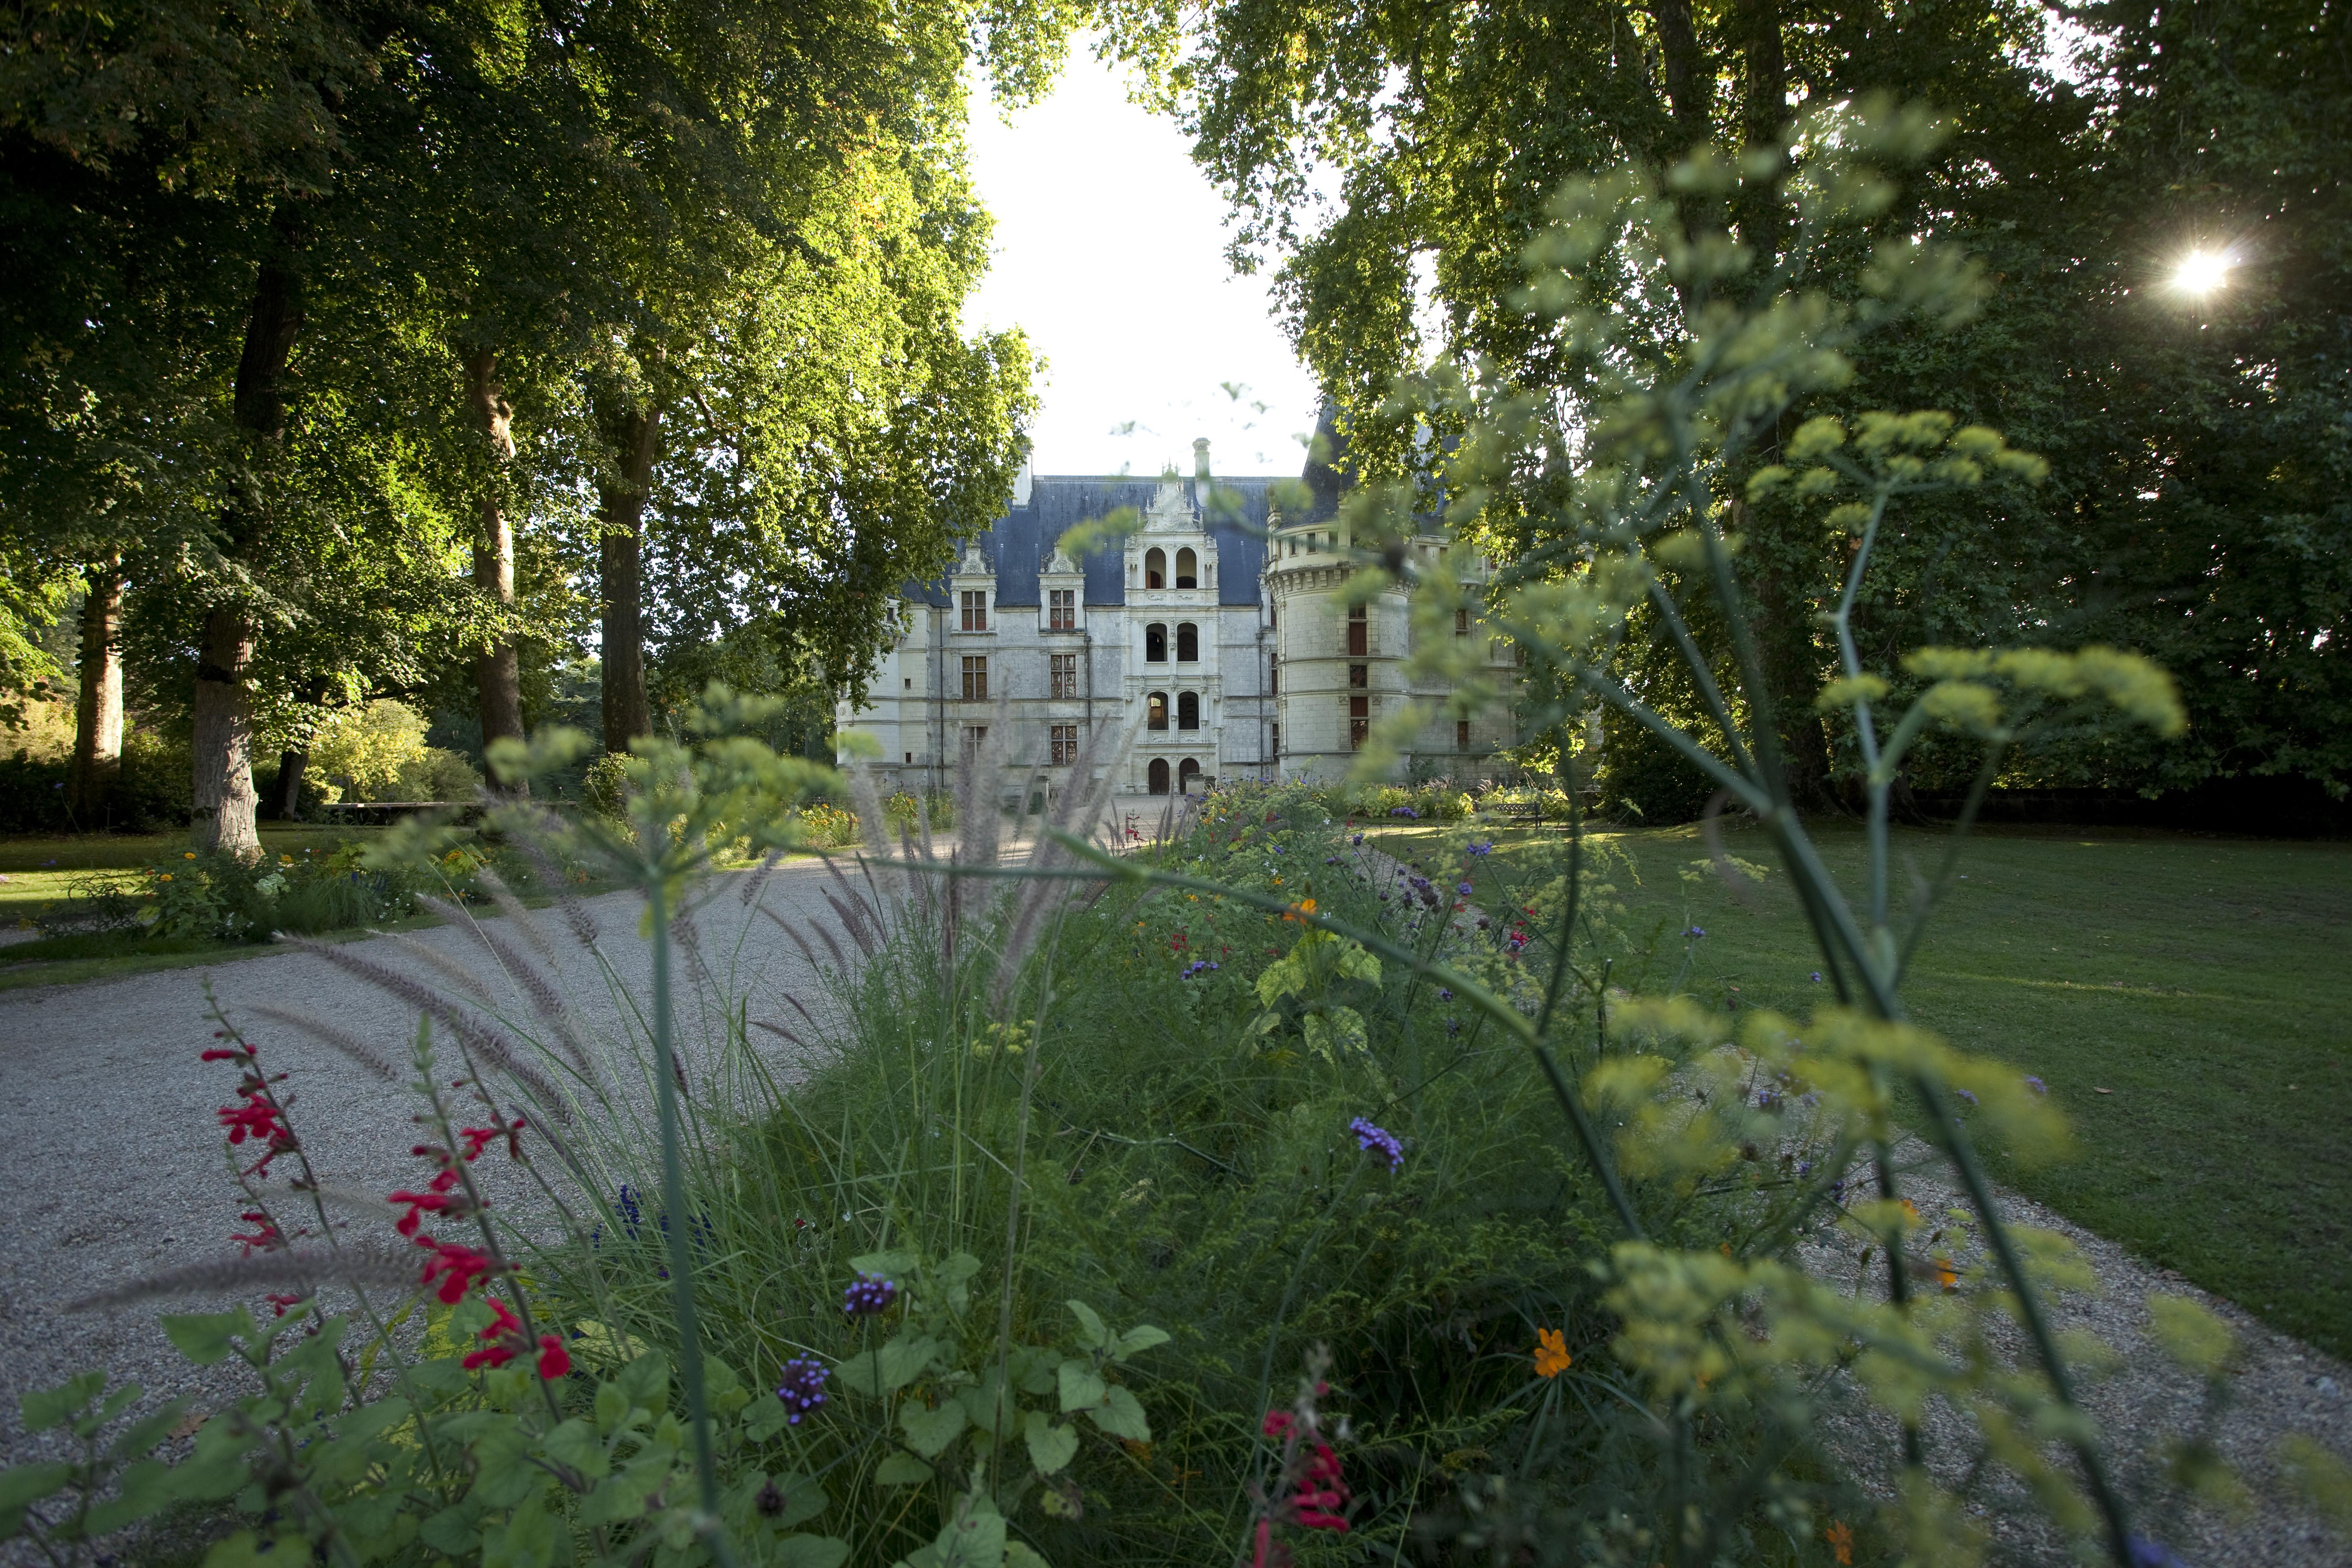 parc du ch teau d 39 azay le rideau parcs et jardins en r gion centre. Black Bedroom Furniture Sets. Home Design Ideas